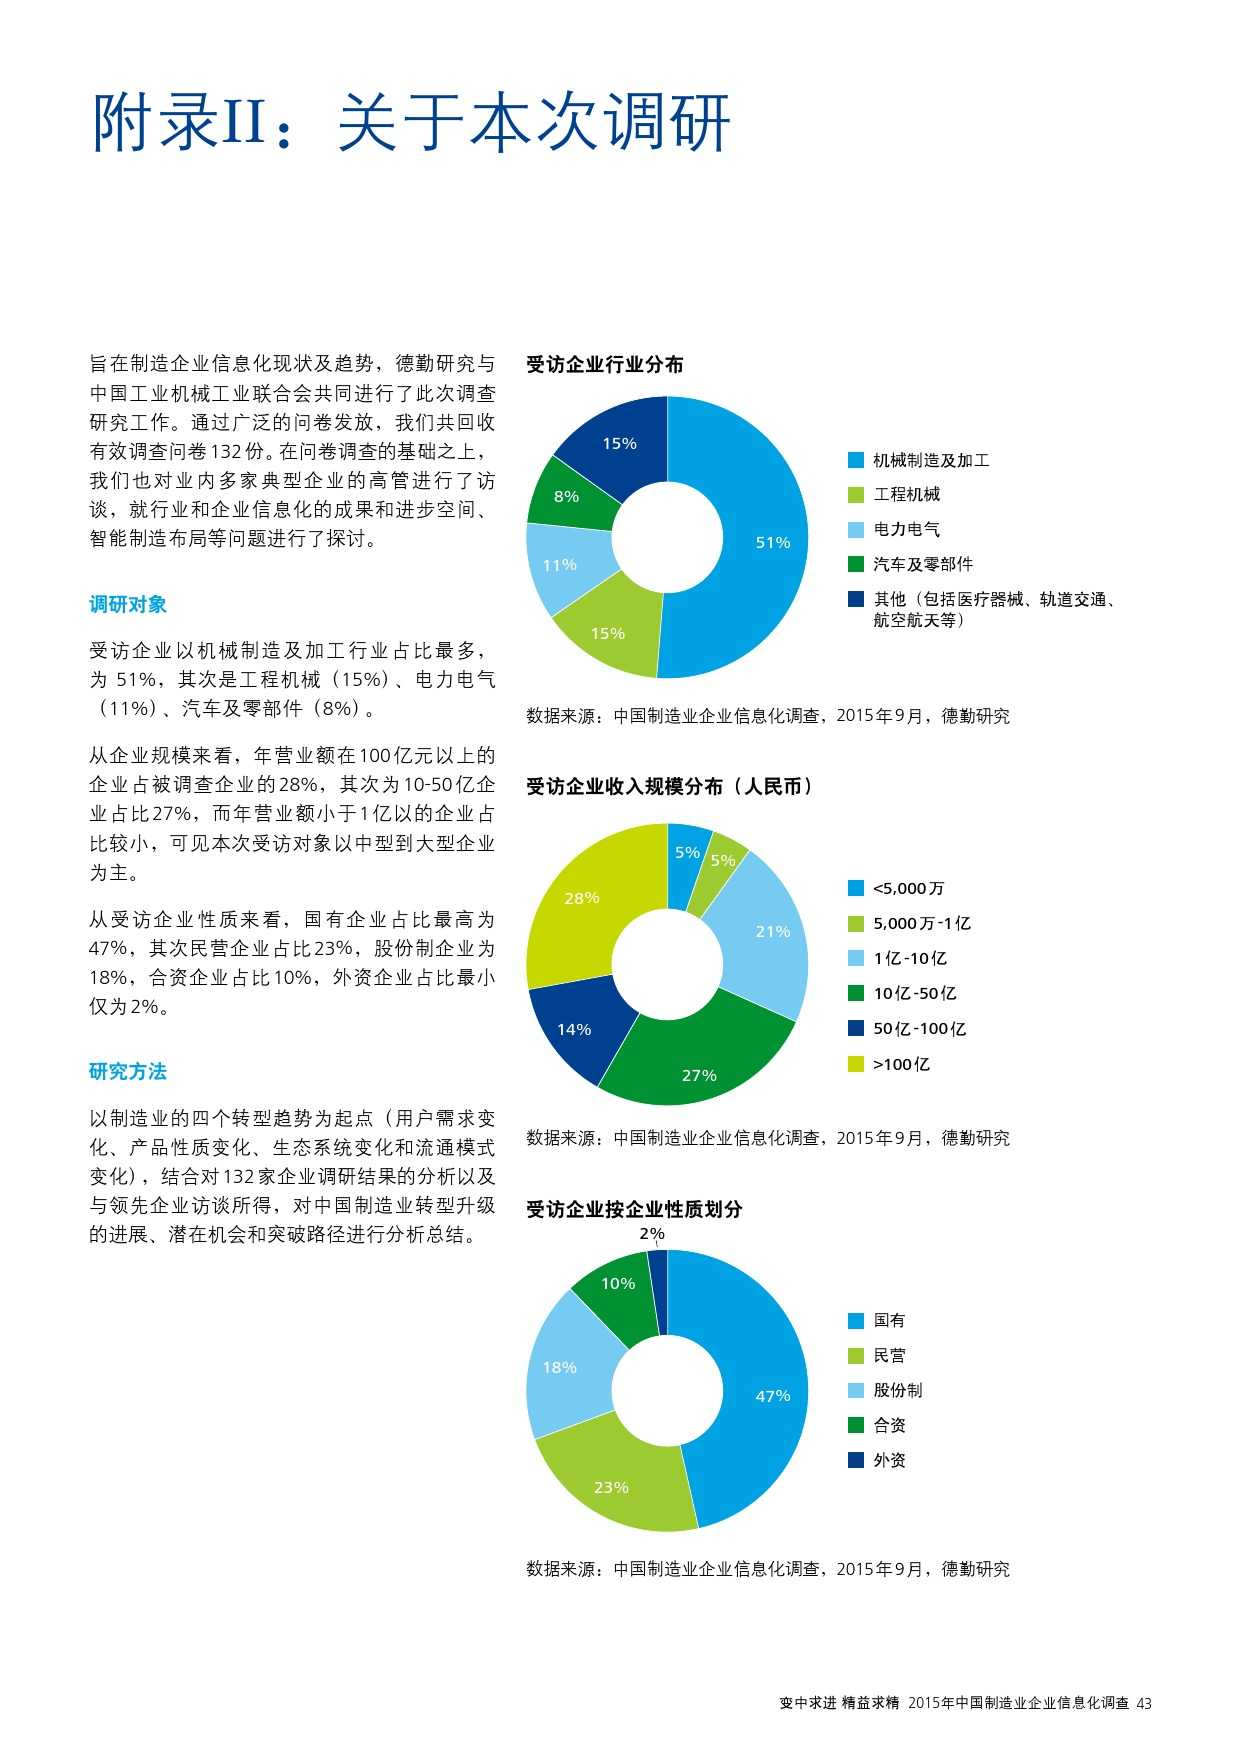 2015年中国制造业企业信息化调查_000045